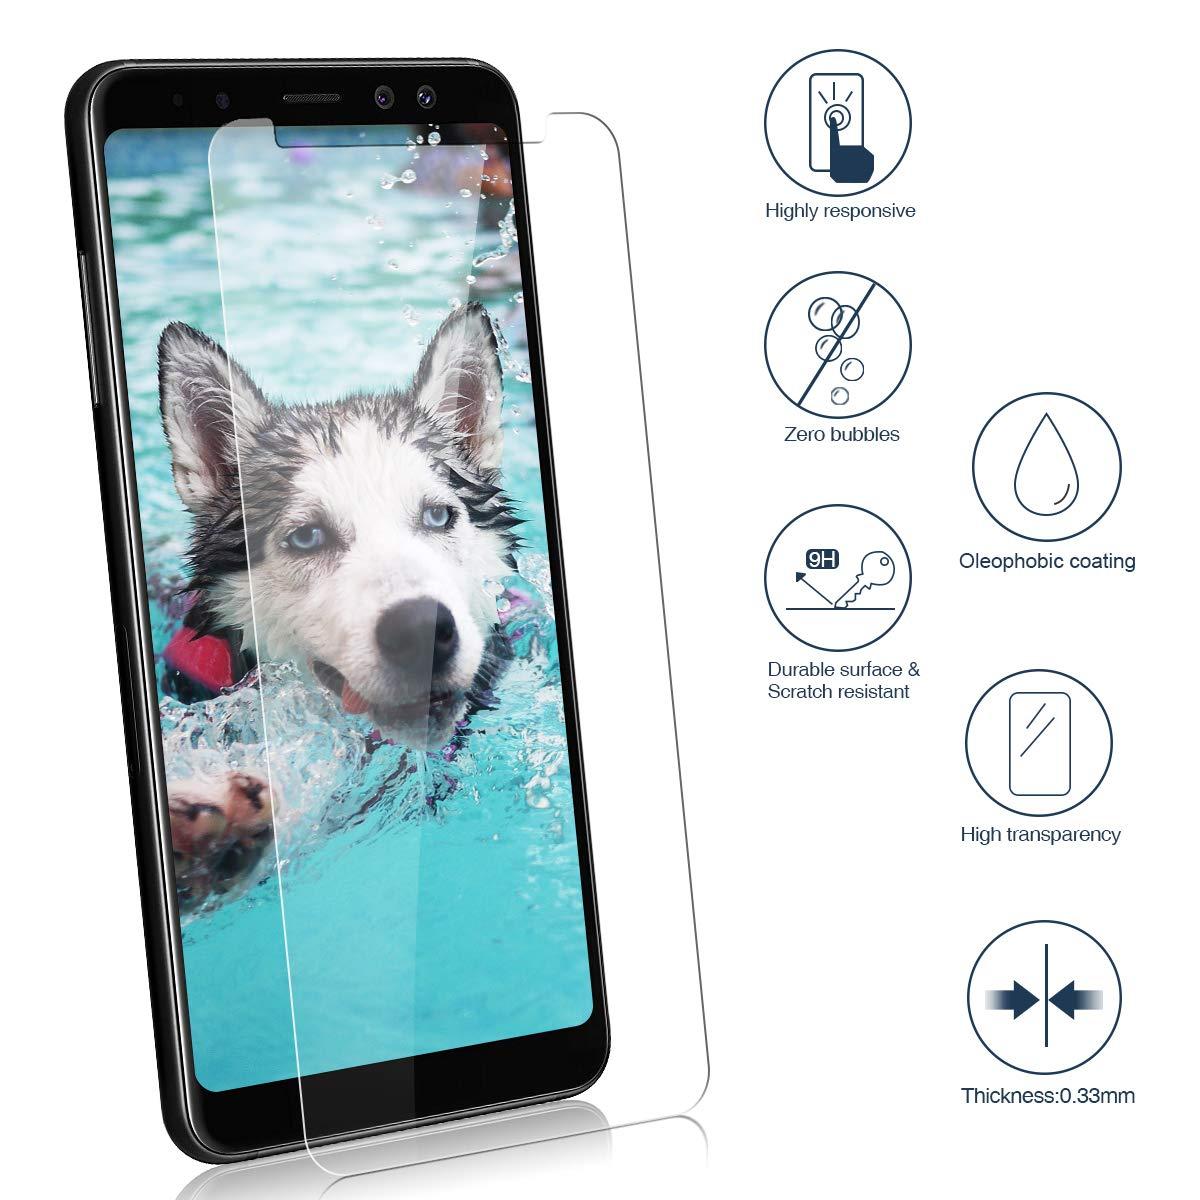 CRXOOX 2-Pack Cristal Vidrio Templado para Samsung A8 2018, Transparente Protector de Pantalla, Explosiones Resistente, Sin Burbujas, Anti Dactilares, ...